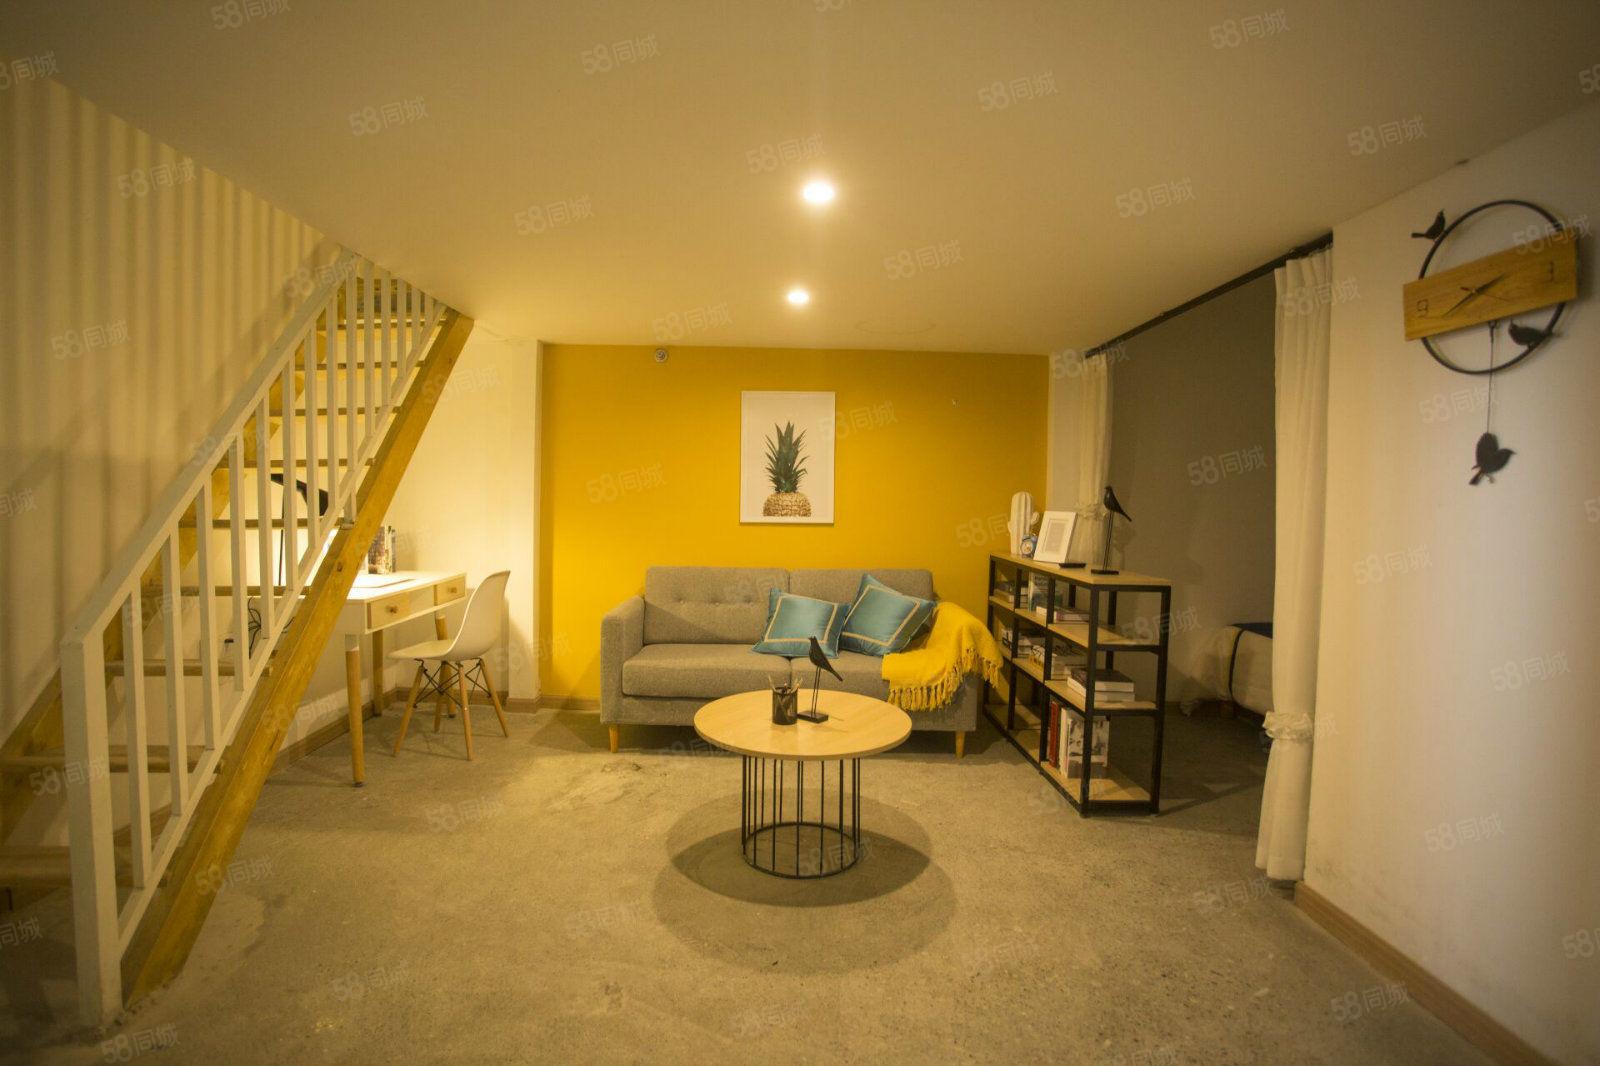 北门君豪雅舍非凡生活家精装全力打造居家式公寓